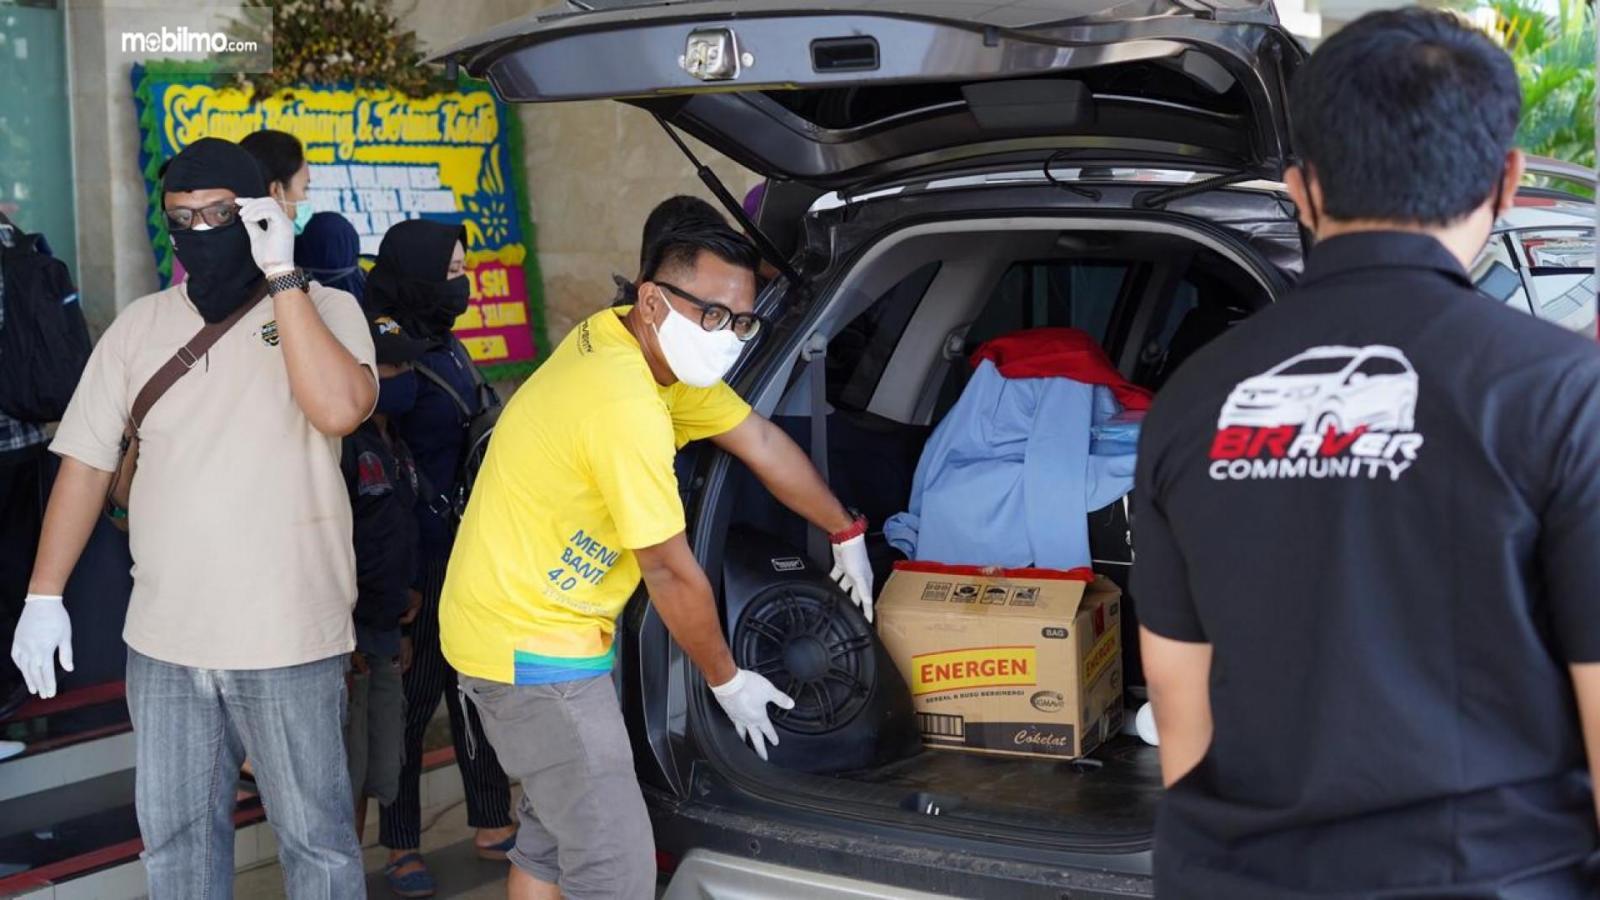 Foto suasana saat penyerahan bantuan dari Komunitas Honda BR-V, INVERNITY